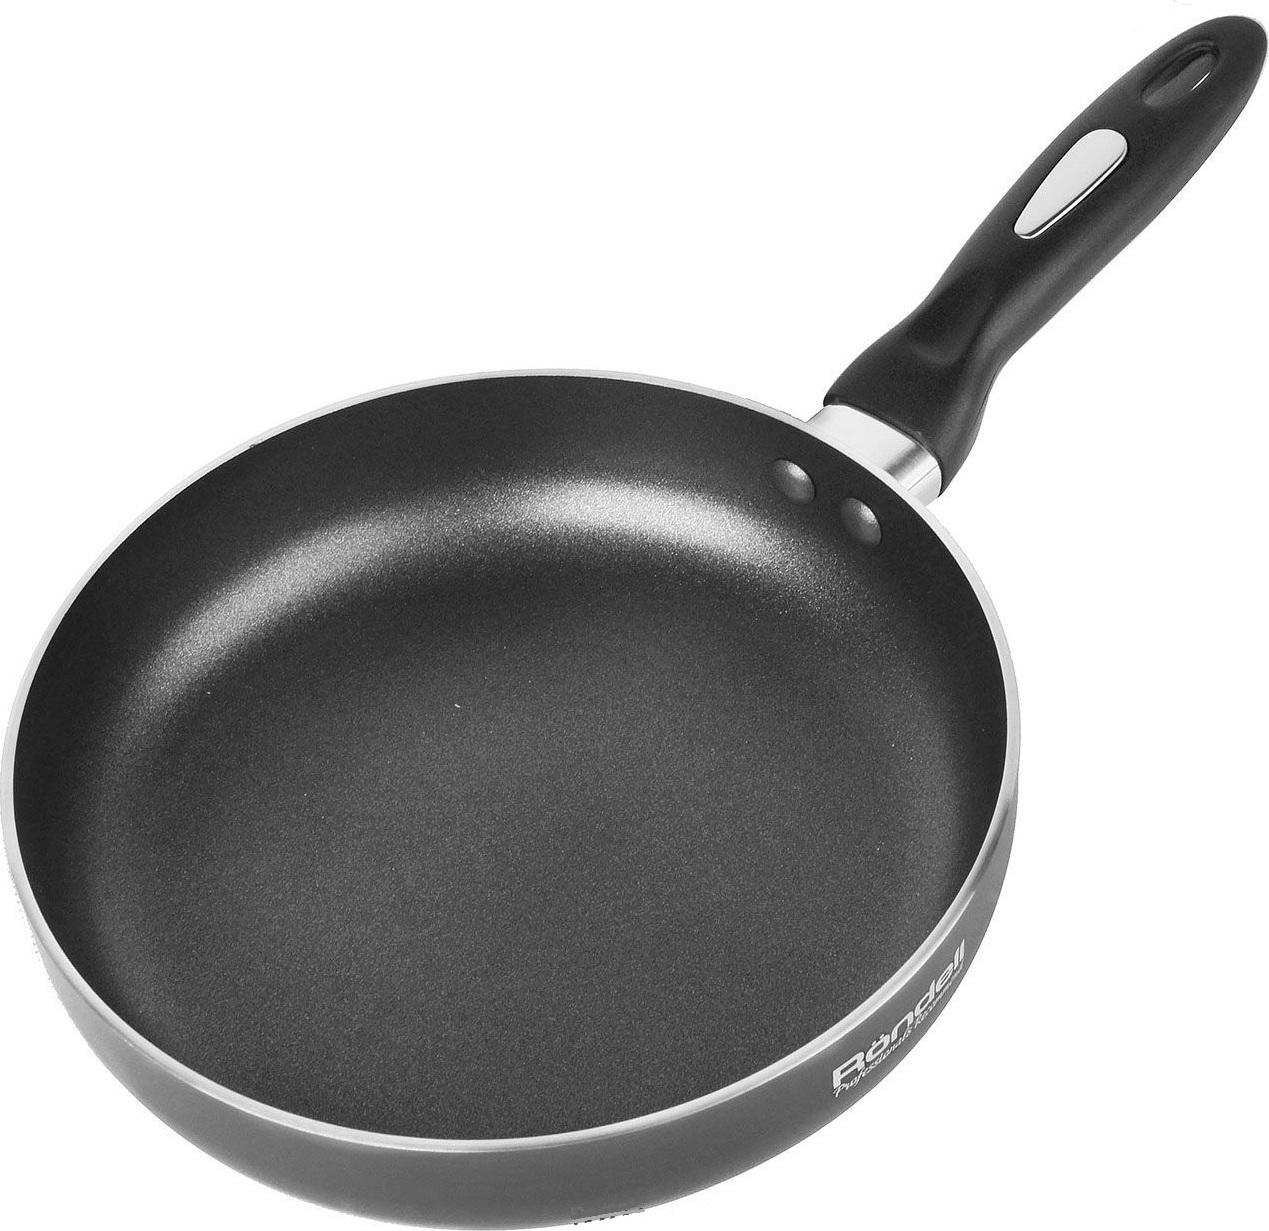 Сковорода без крышки Rondell Delice 28 см RDA-075